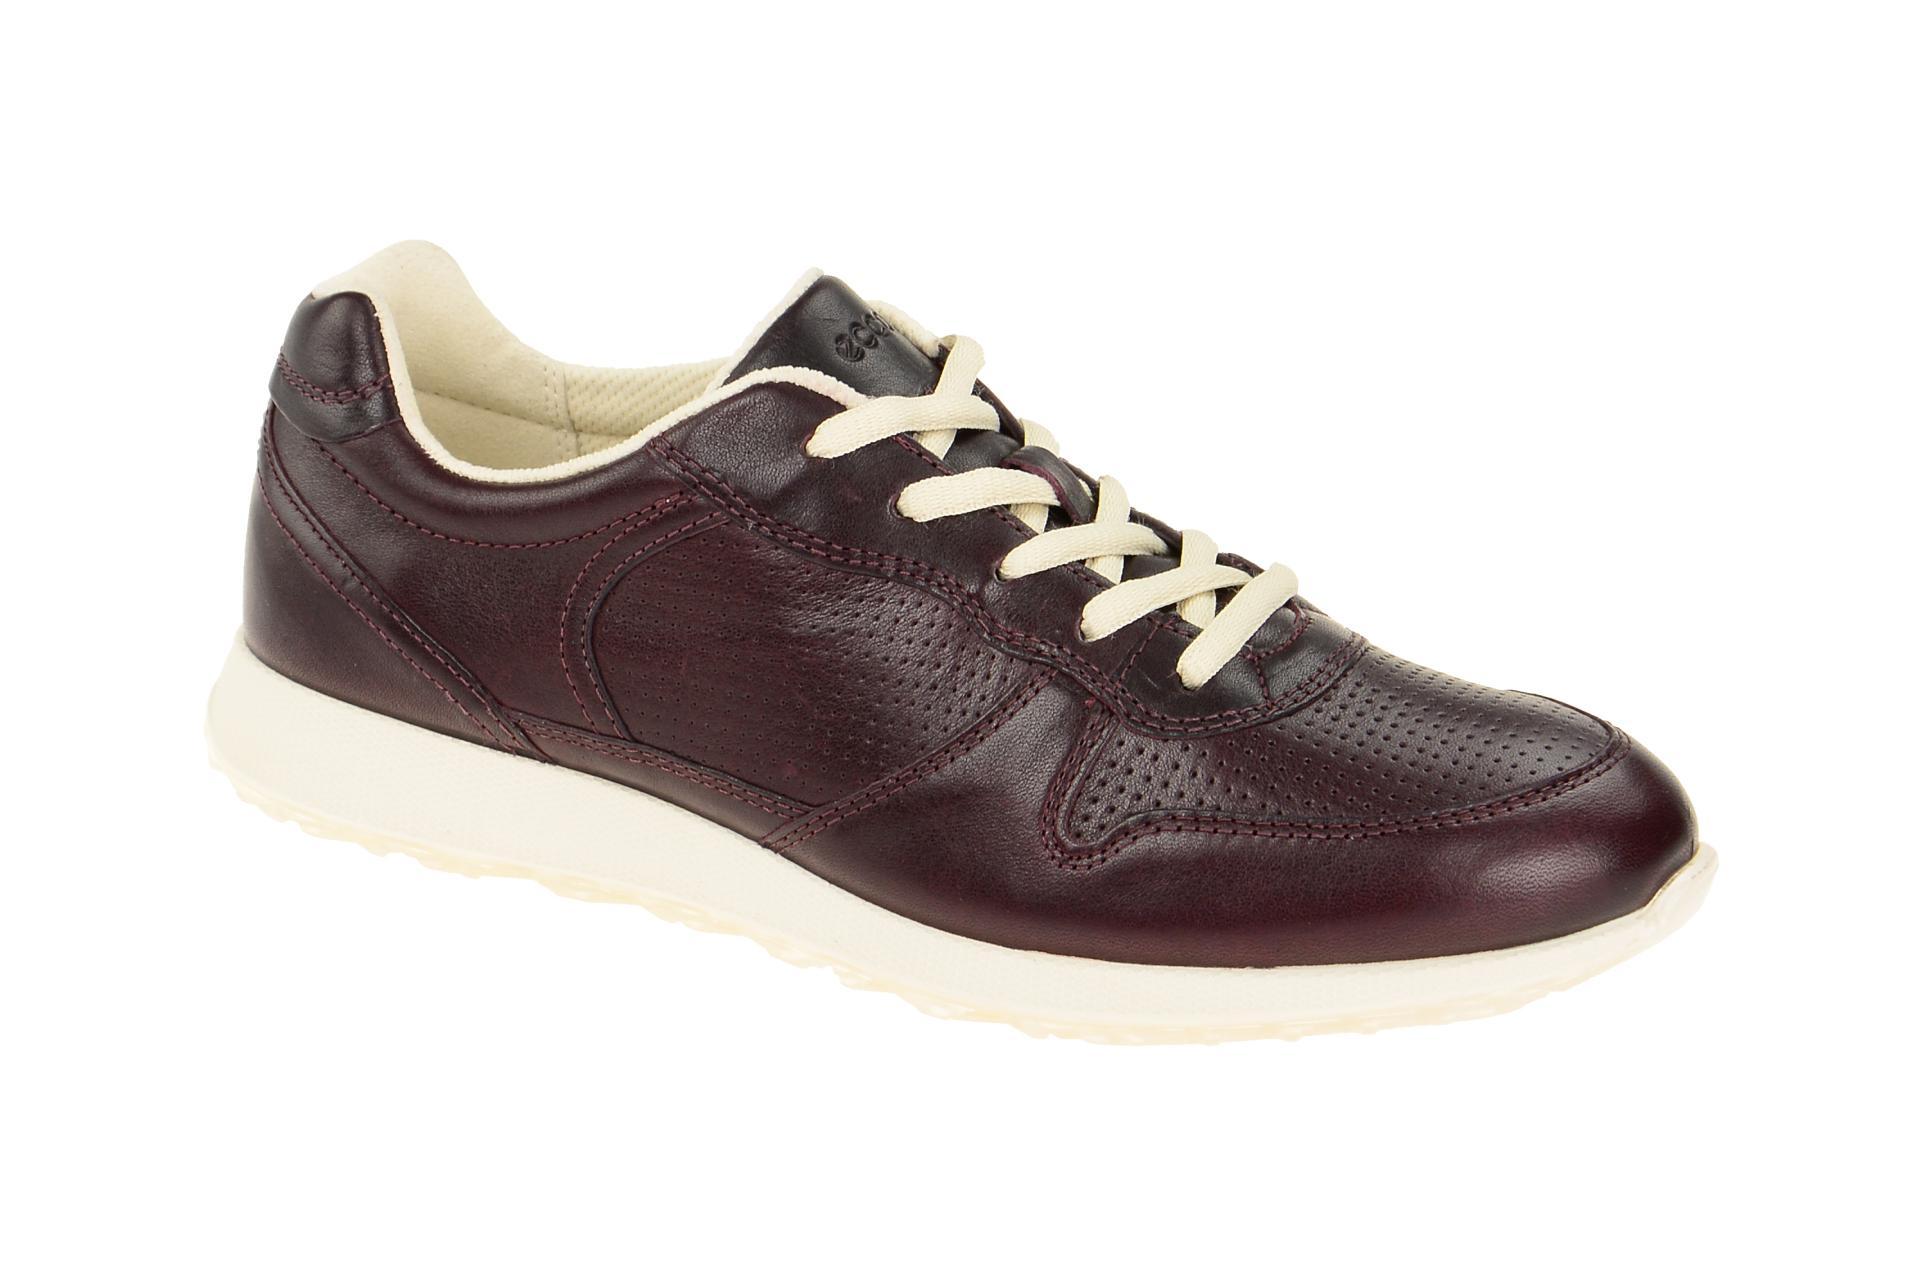 new products caf42 b7add Details zu Ecco Schuhe SNEAK LADIE´s rot Damenschuhe 43056301070 NEU